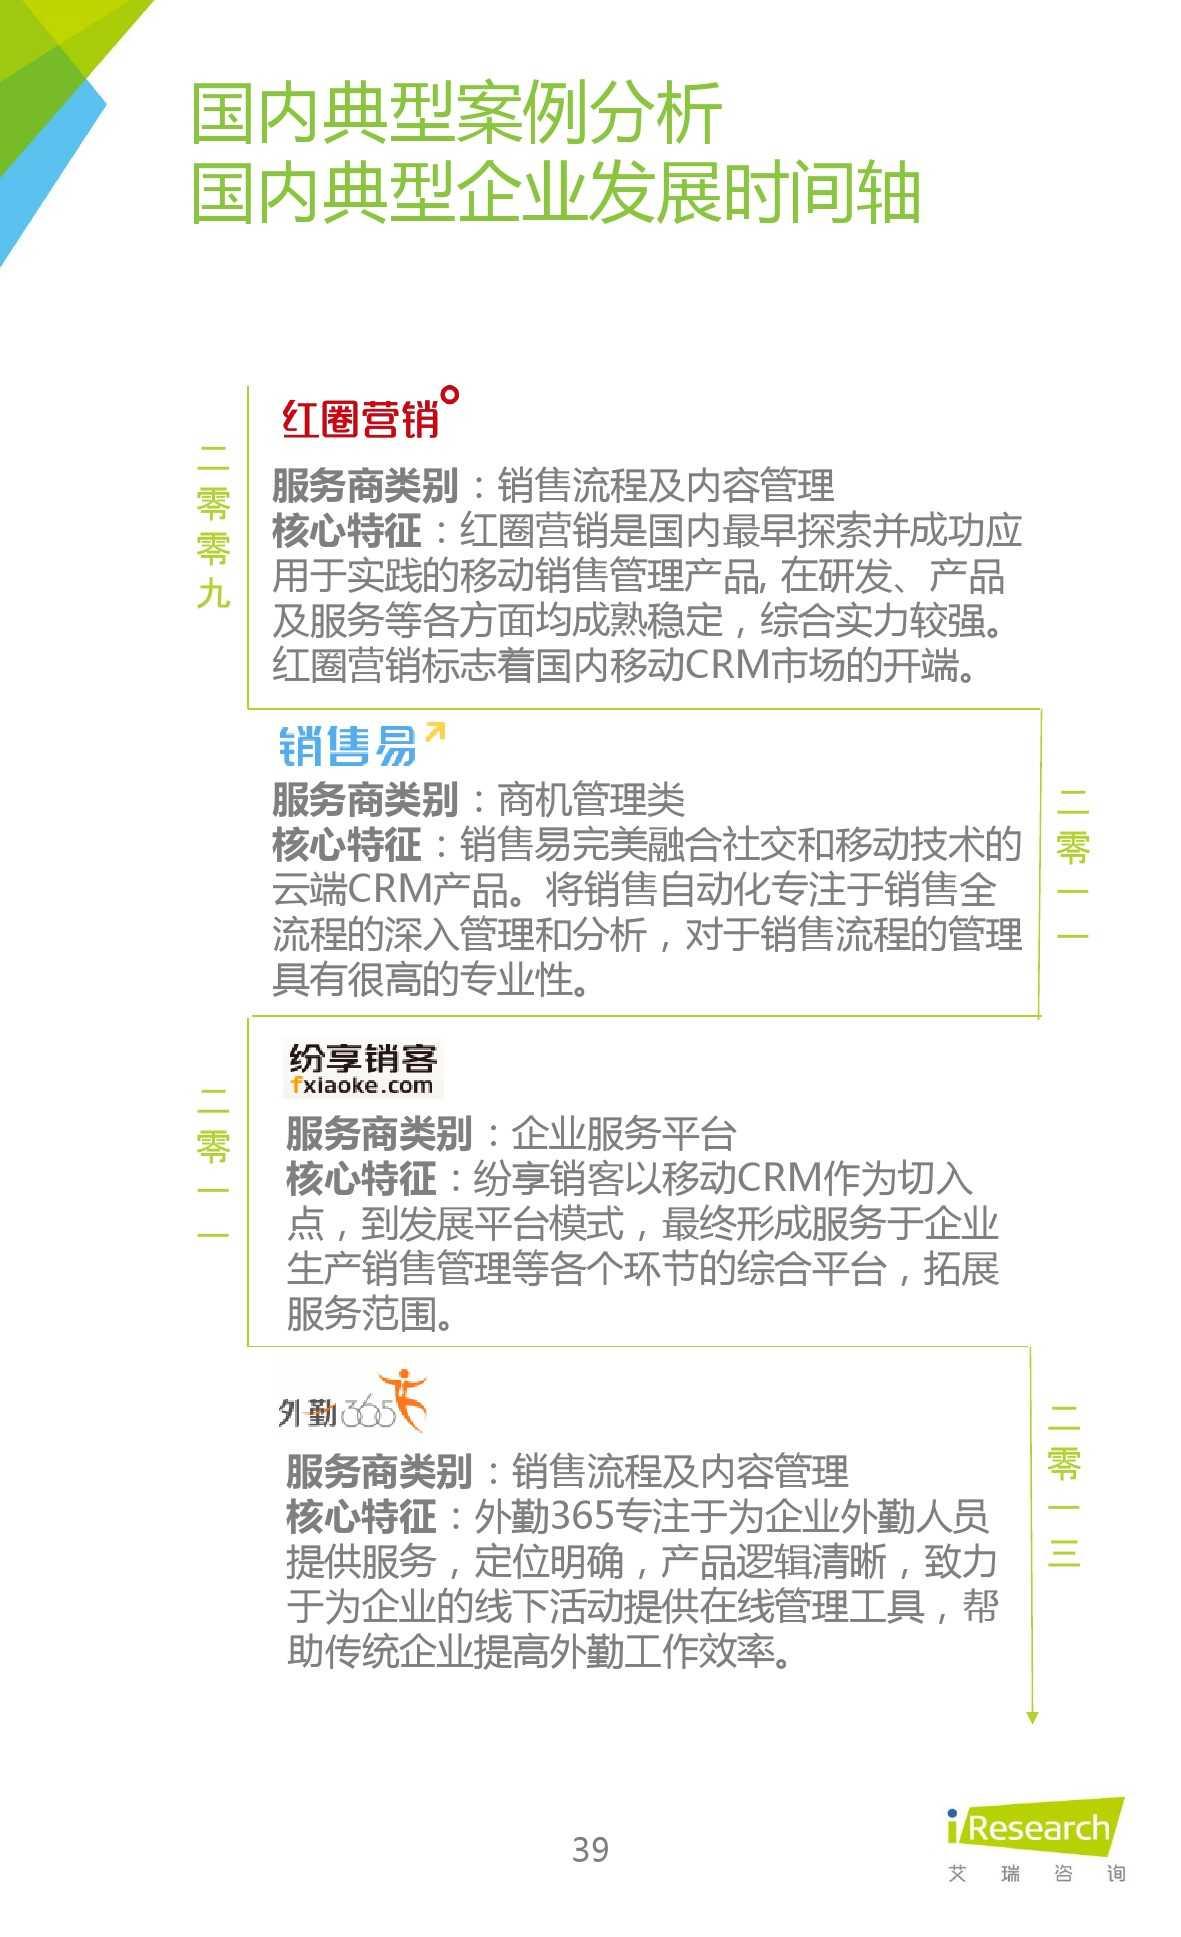 2015年中国移动销售CRM行业研究报告_000039